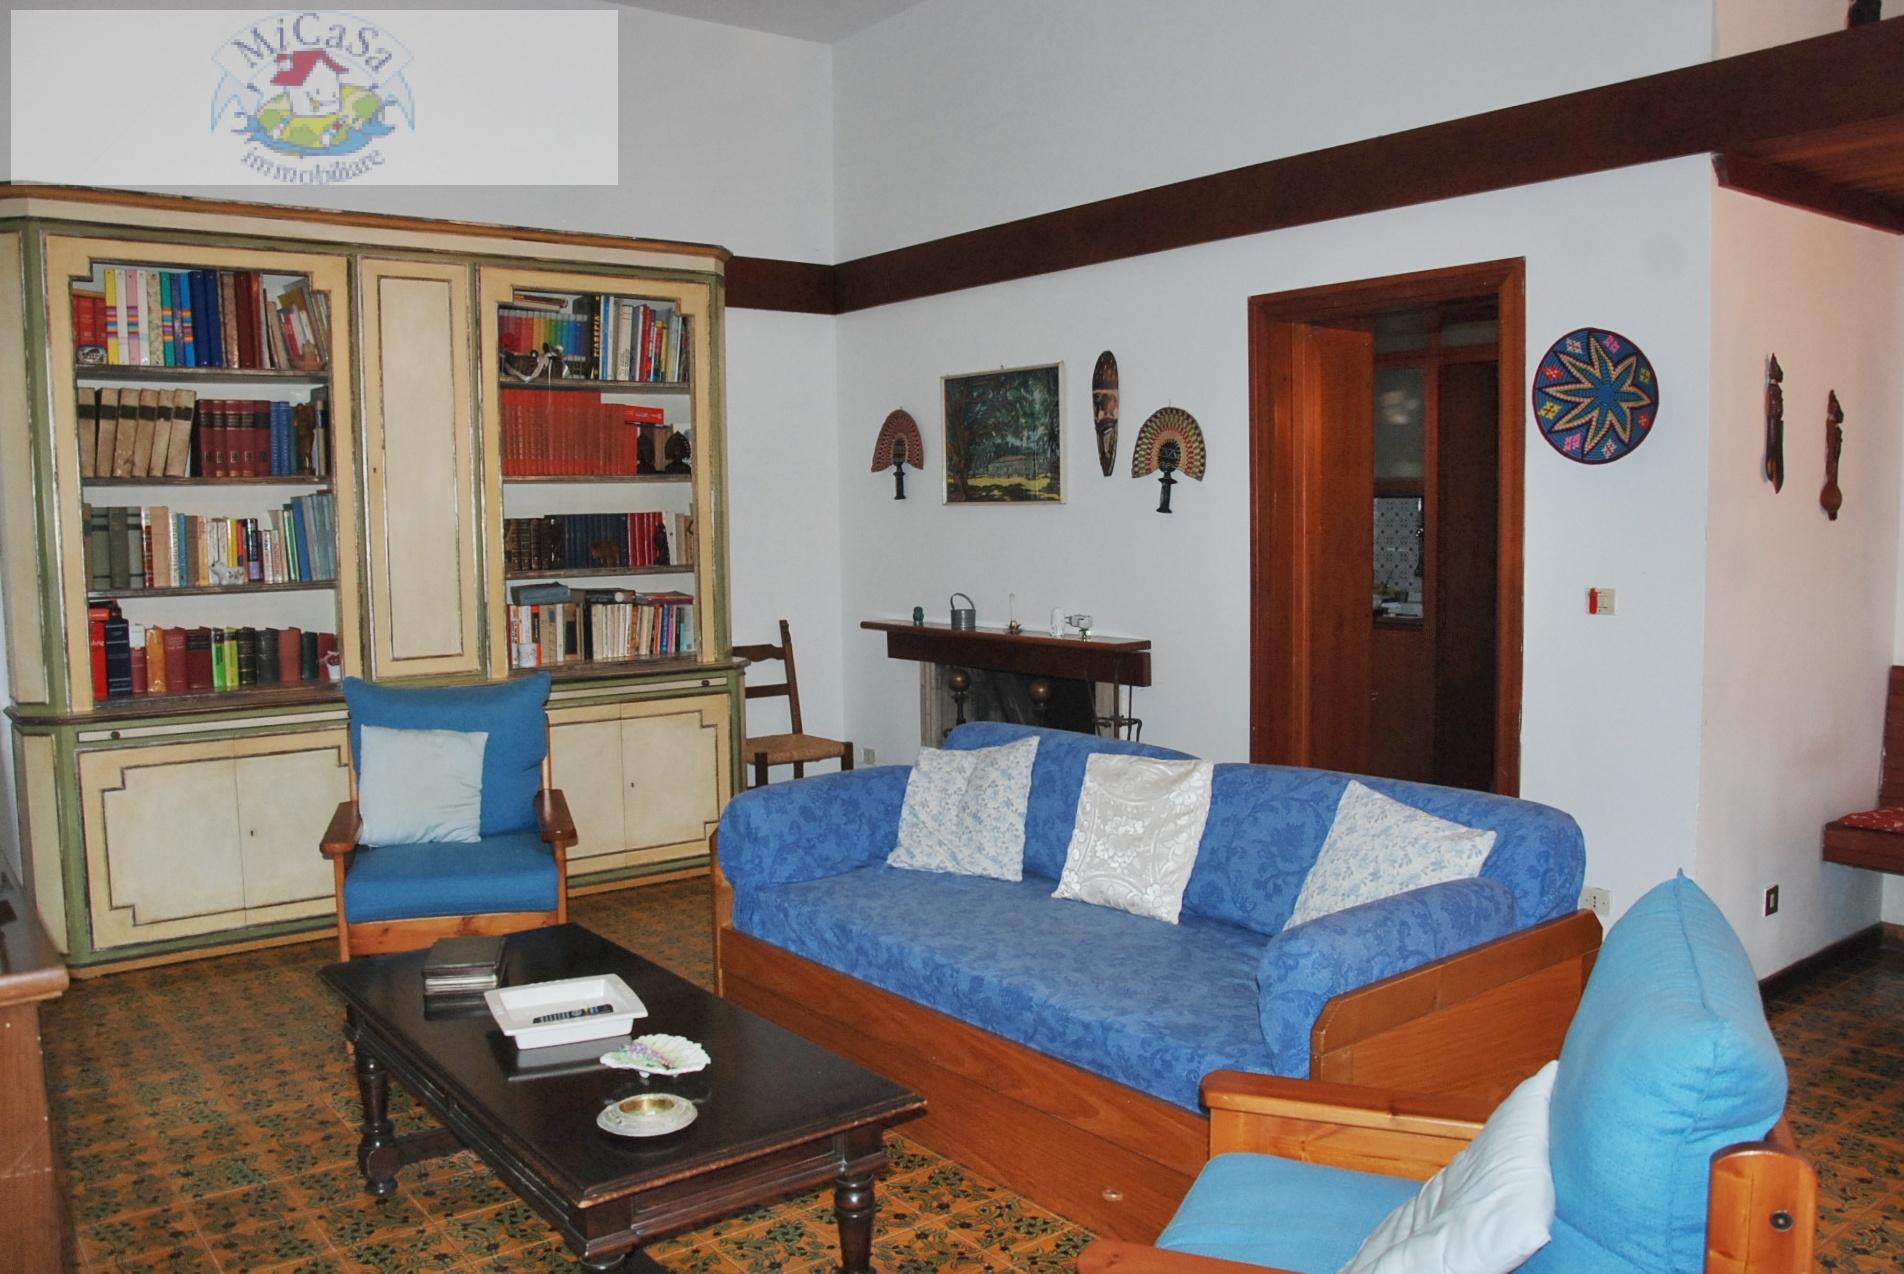 Villa in affitto a Pisa, 6 locali, Trattative riservate | Cambio Casa.it